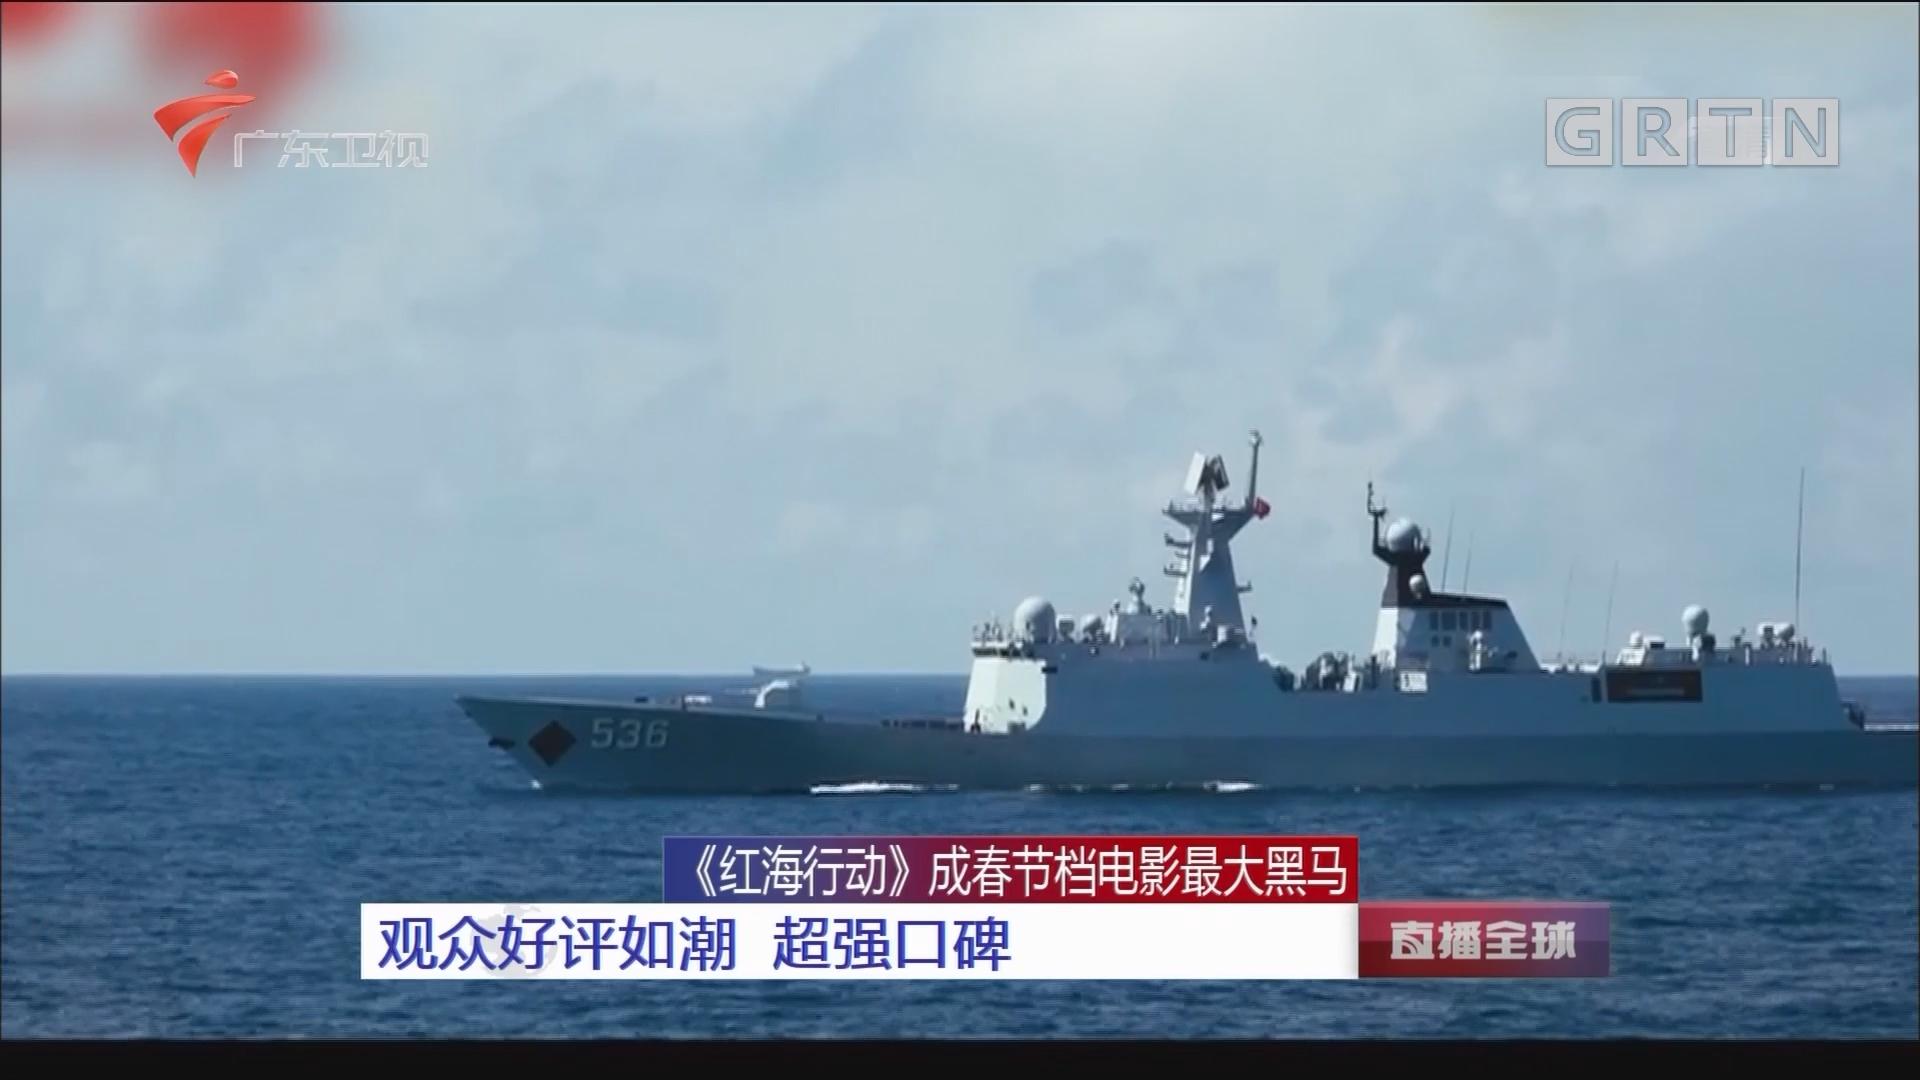 《红海行动》成春节档电影最大黑马:观众好评如潮 超强口碑